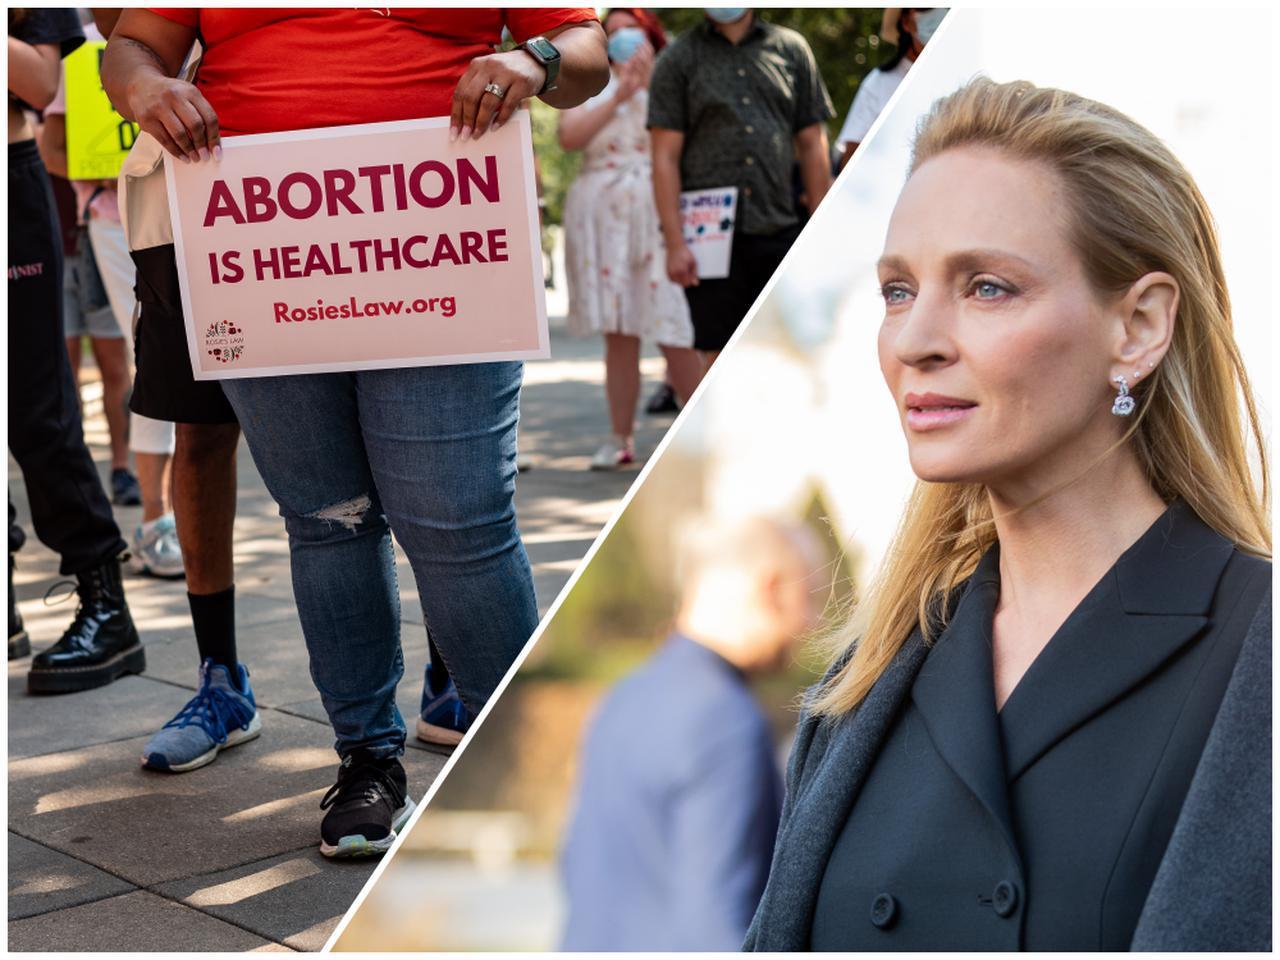 画像: ユマ・サーマンが中絶制限法に声をあげる